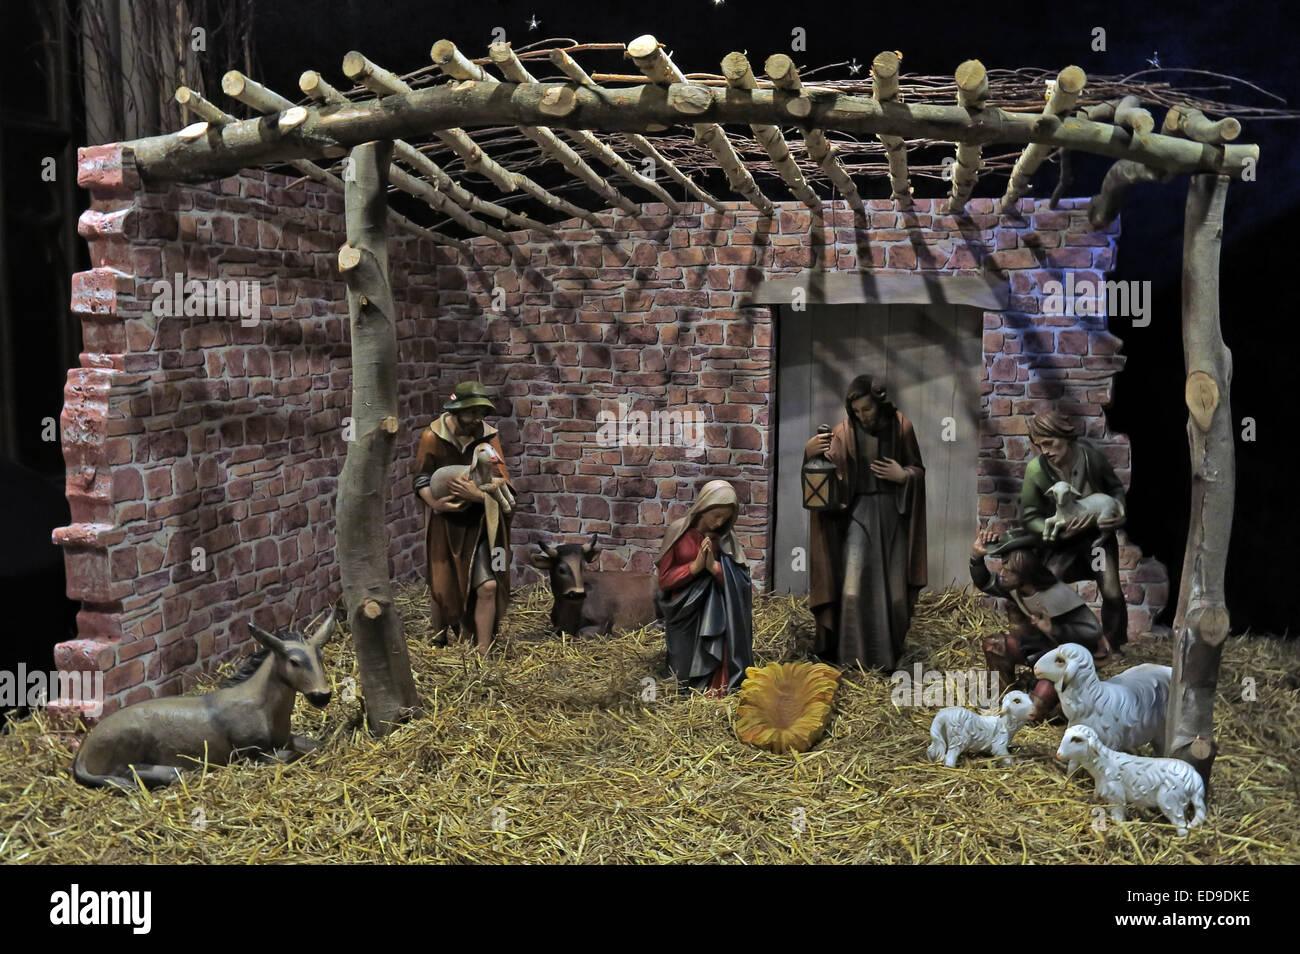 Laden Sie dieses Alamy Stockfoto Krippe und Weihnachten Krippe in Lichfield Kathedrale Staffordshire, England UK - ED9DKE